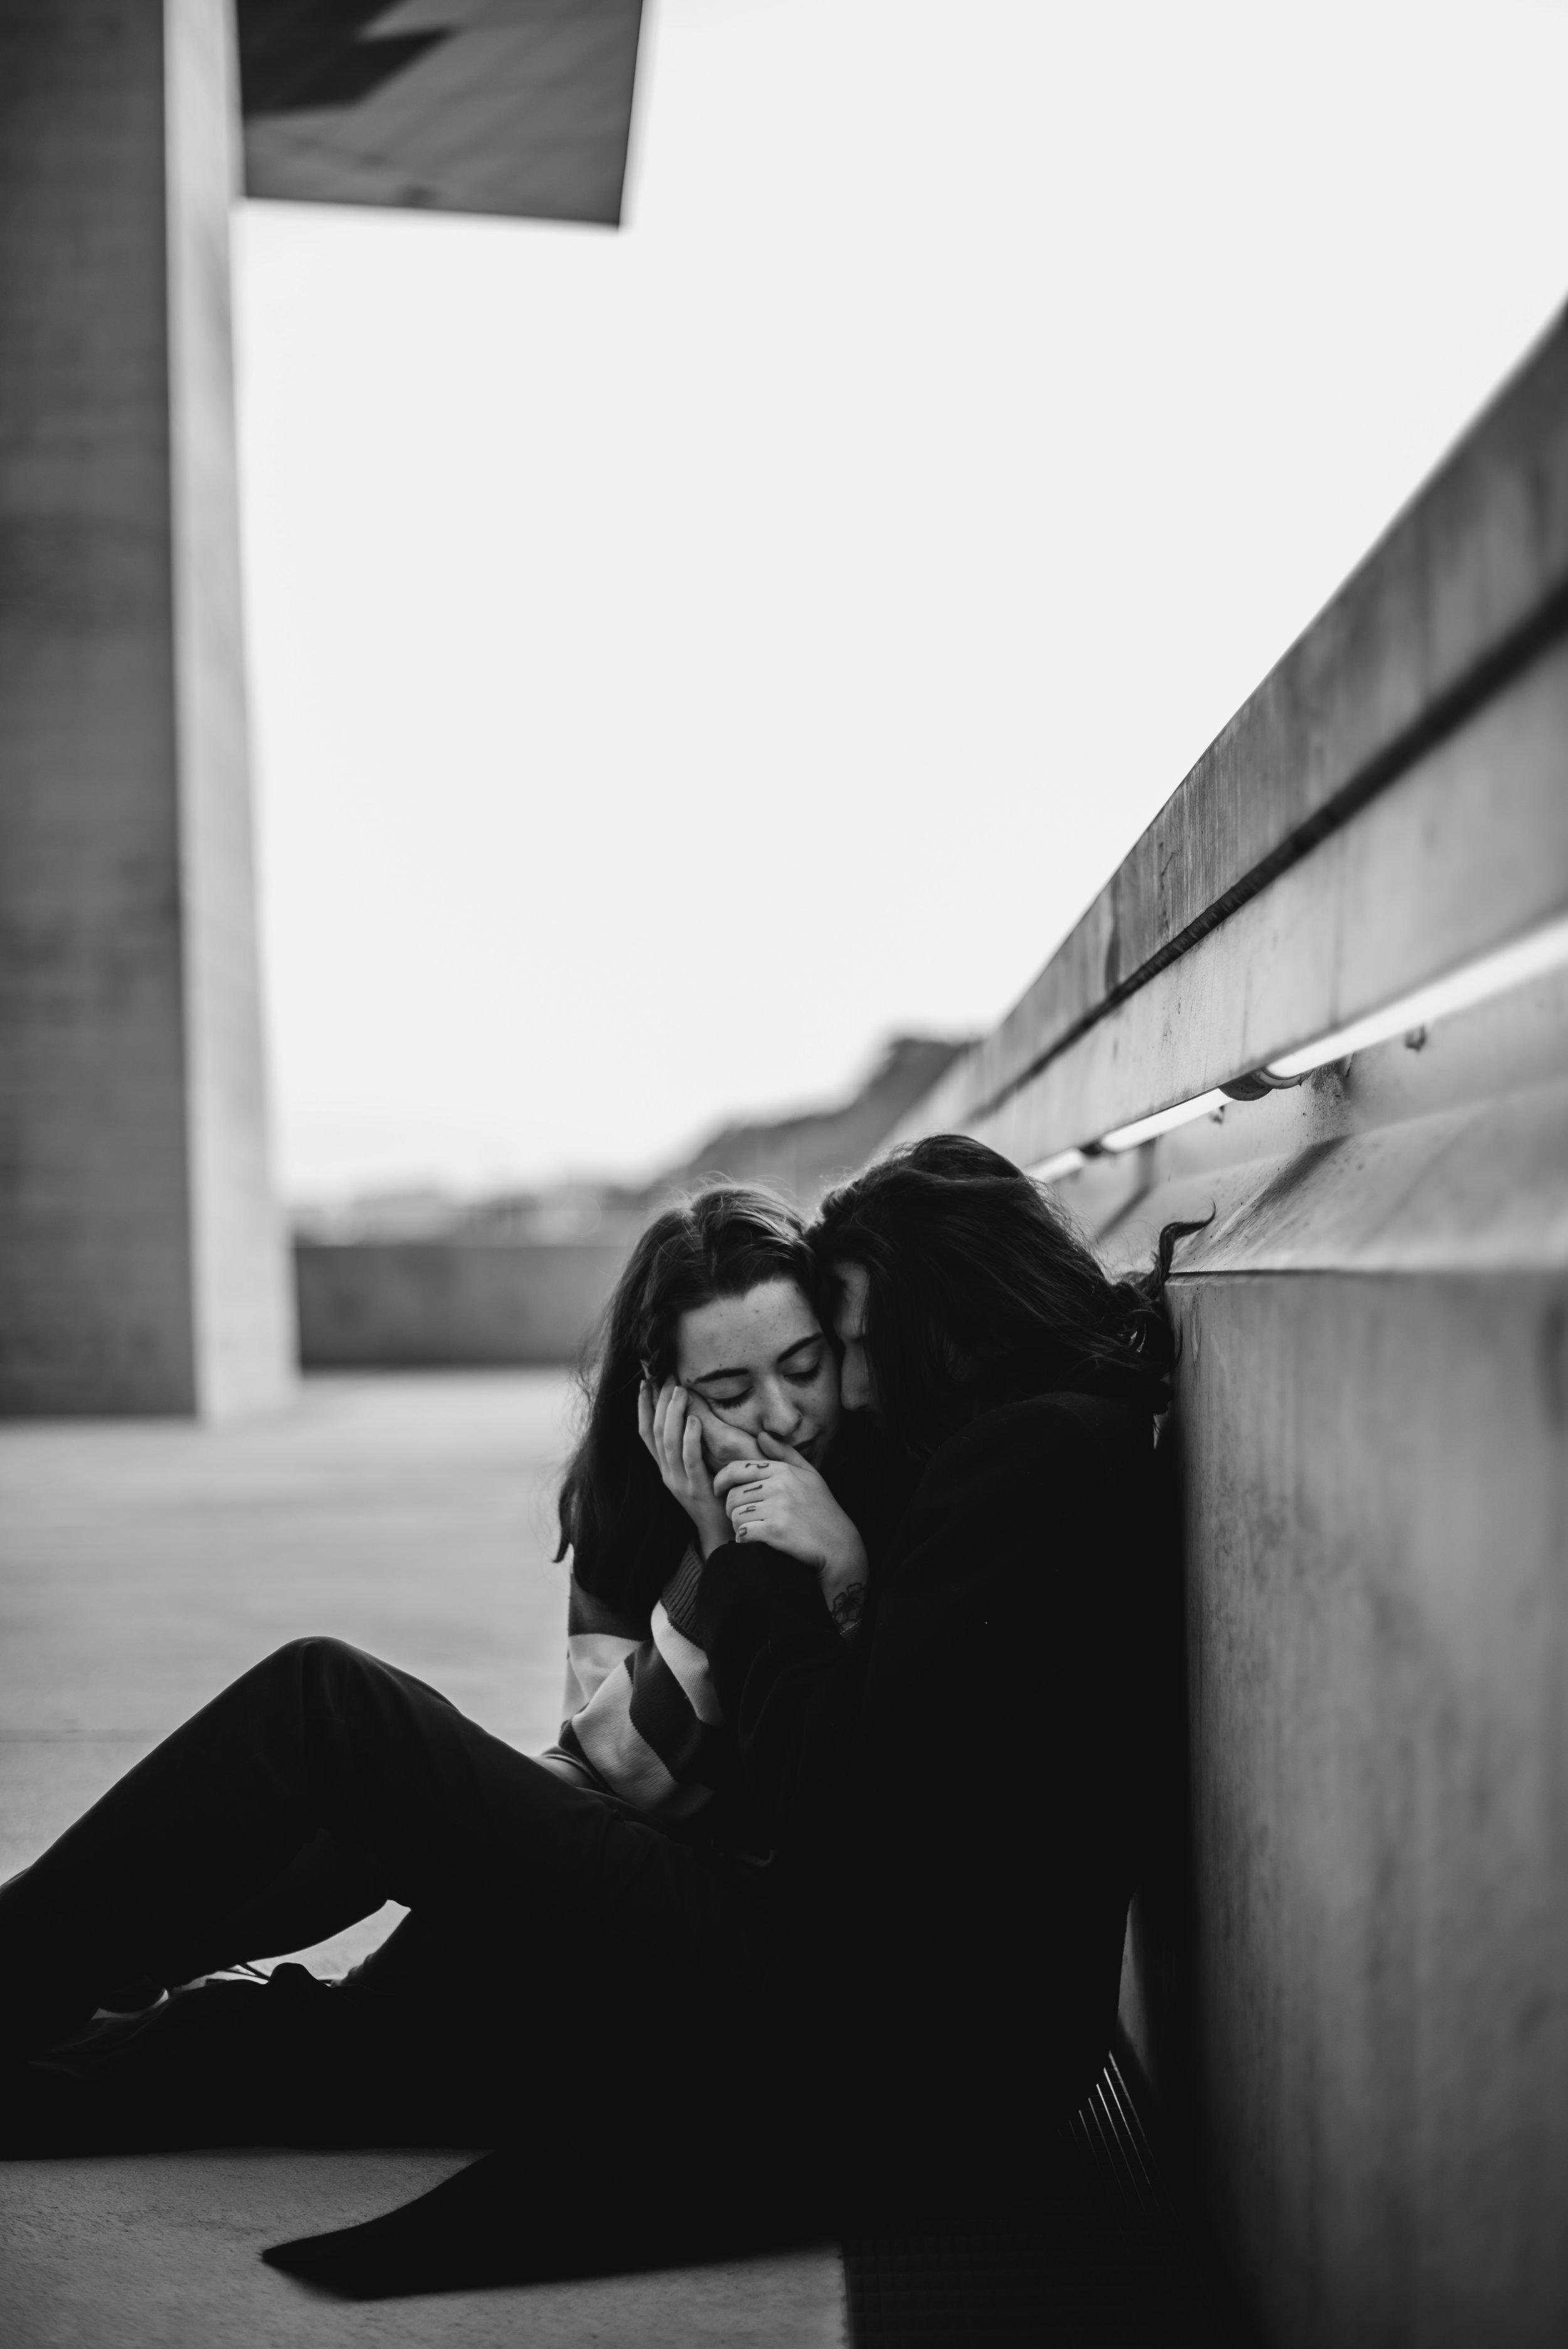 Léa-Fery-photographe-professionnel-lyon-rhone-alpes-portrait-creation-mariage-evenement-evenementiel-famille-4347.jpg